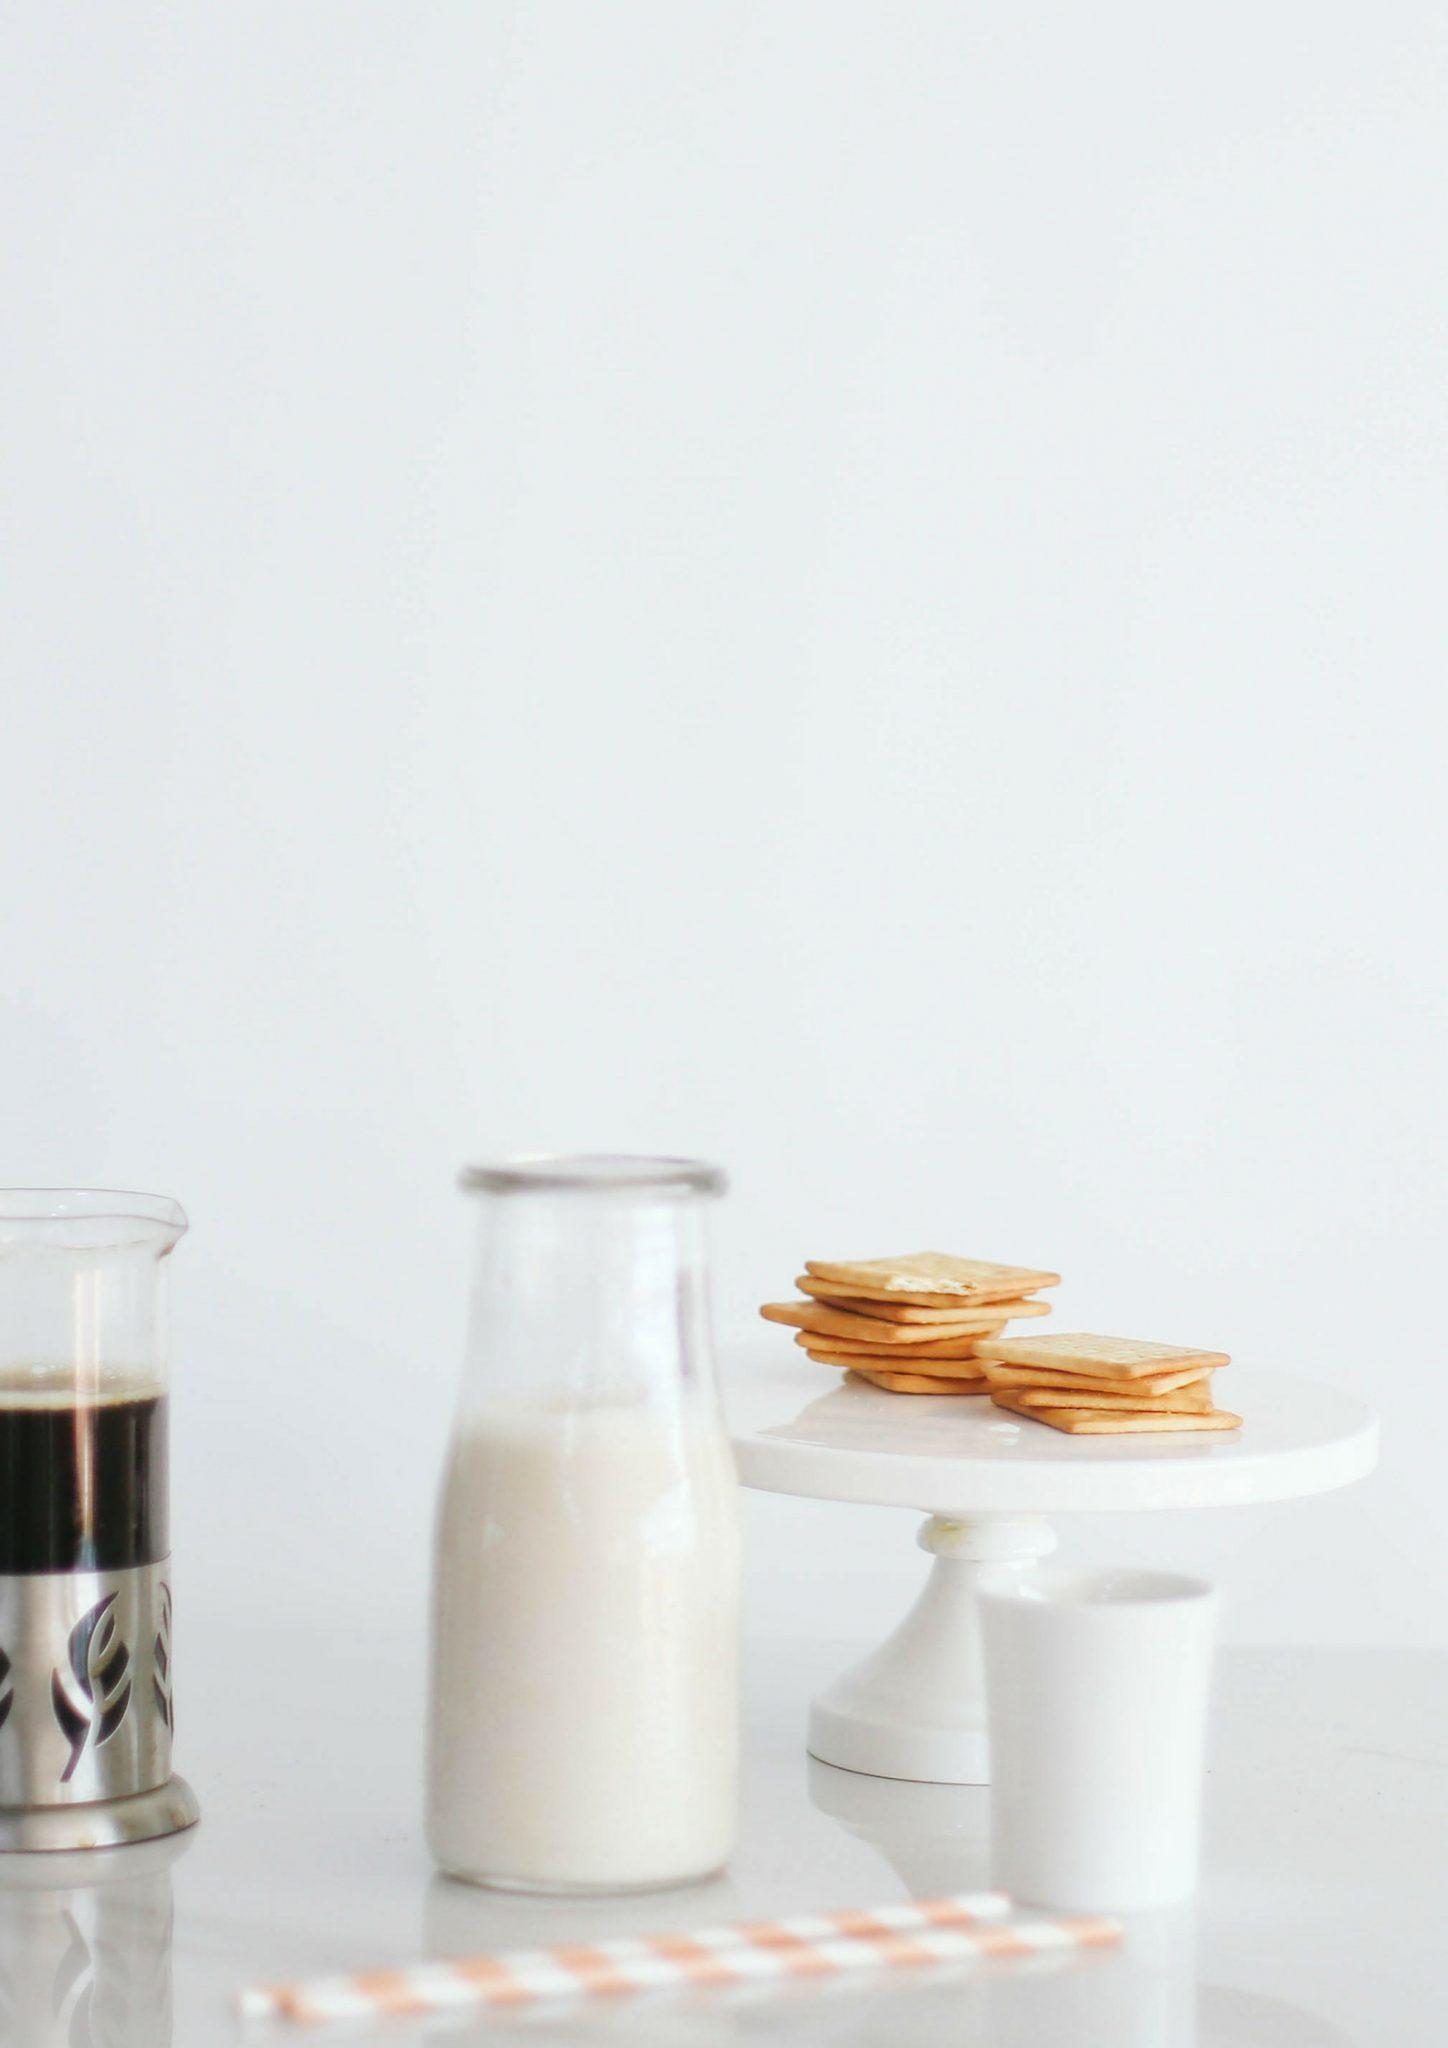 Vegan Baking Substitutes - Milk